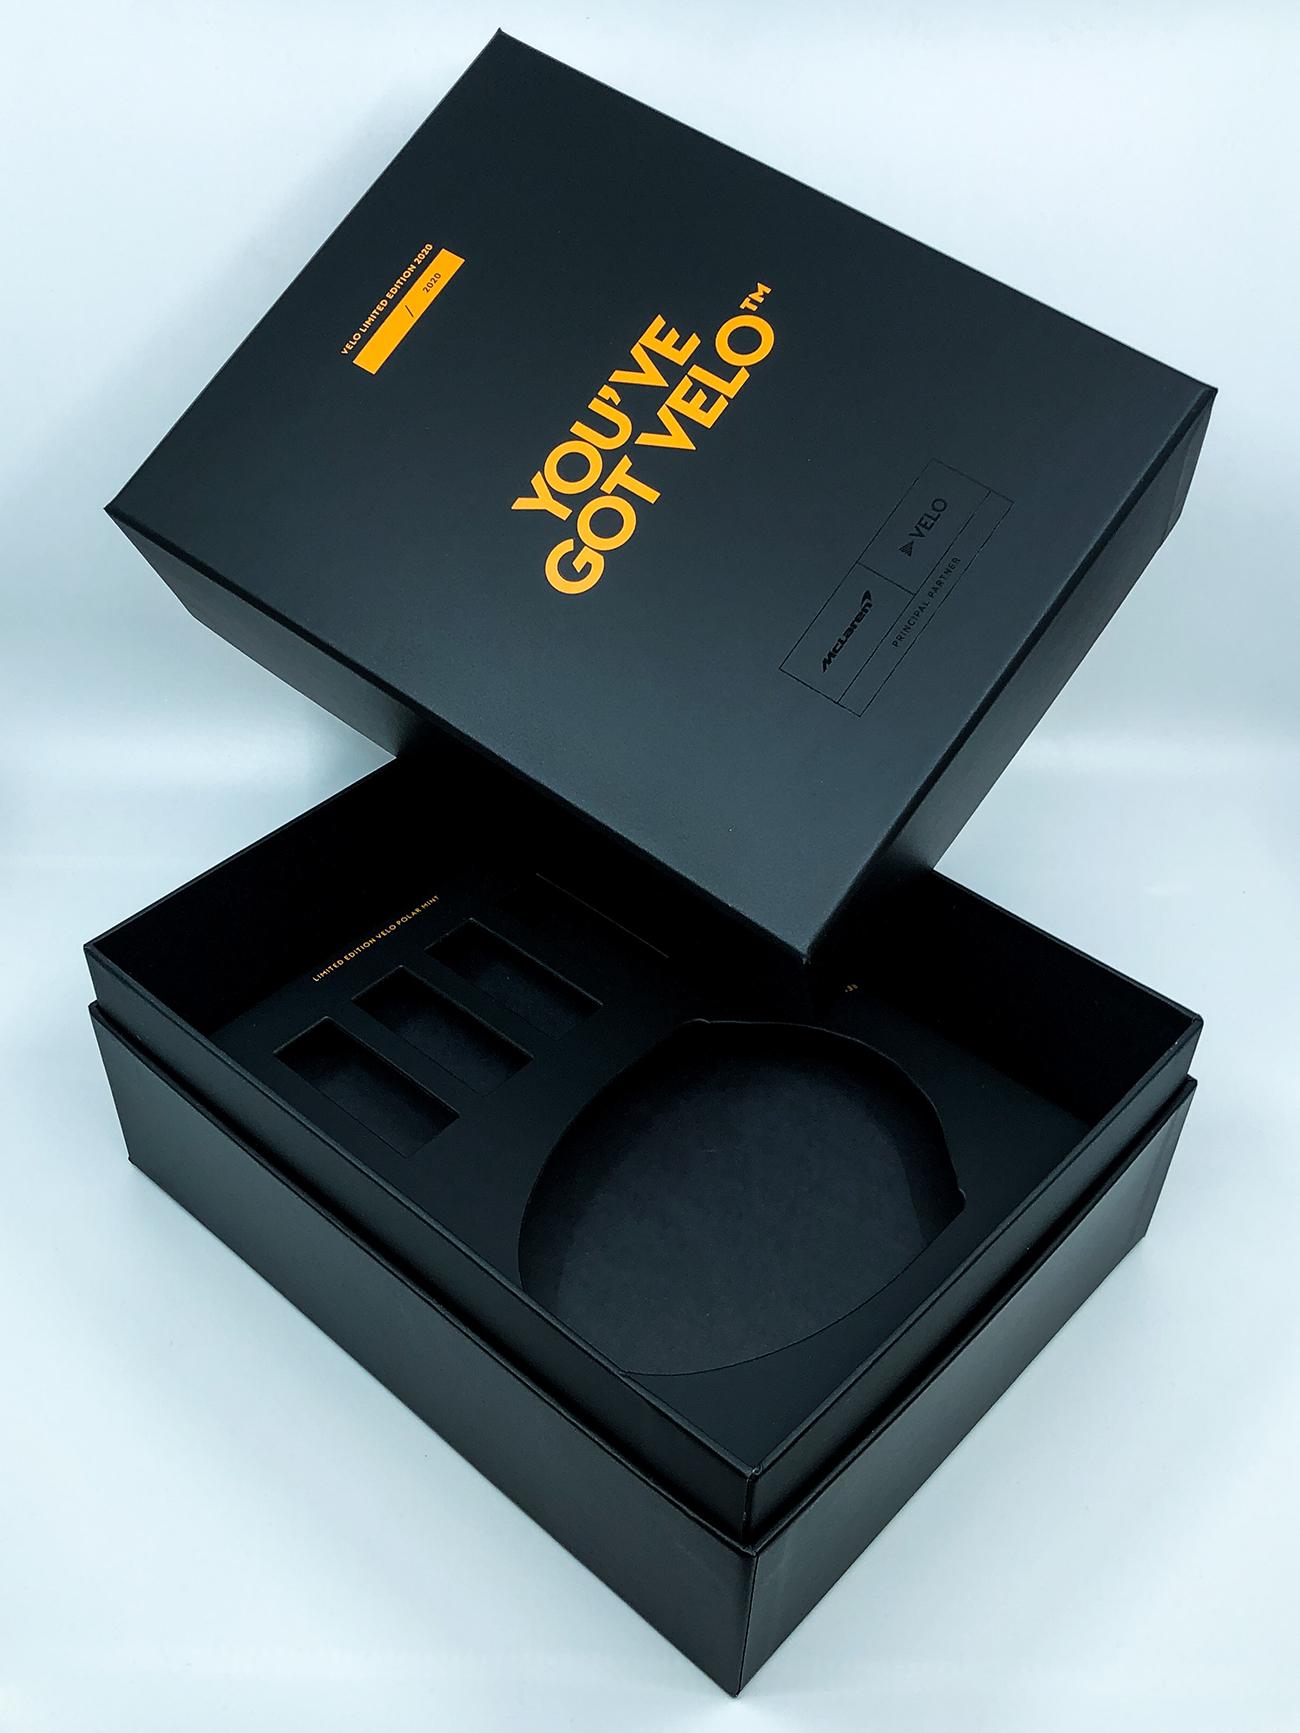 McLaren-Velo låda med egen design